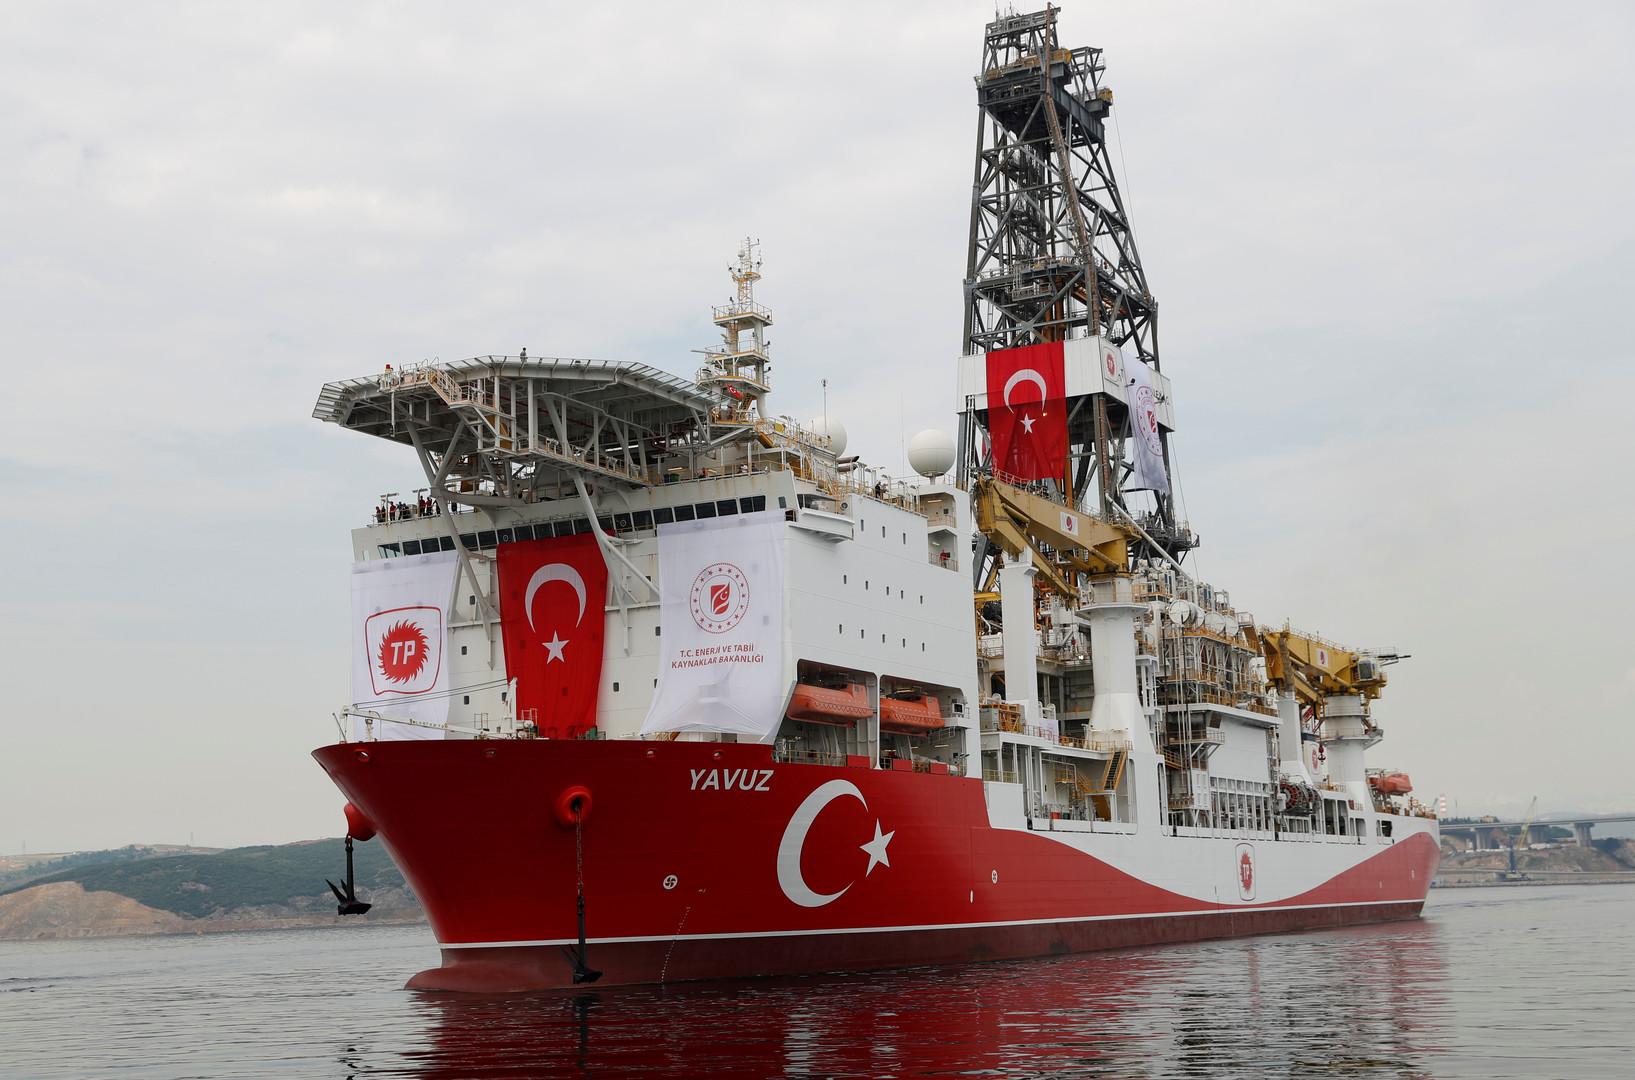 """سفينة """"ياووز"""" التركية للحفر في طريقها إلى شرق المتوسط، 20 يونيو 2019"""